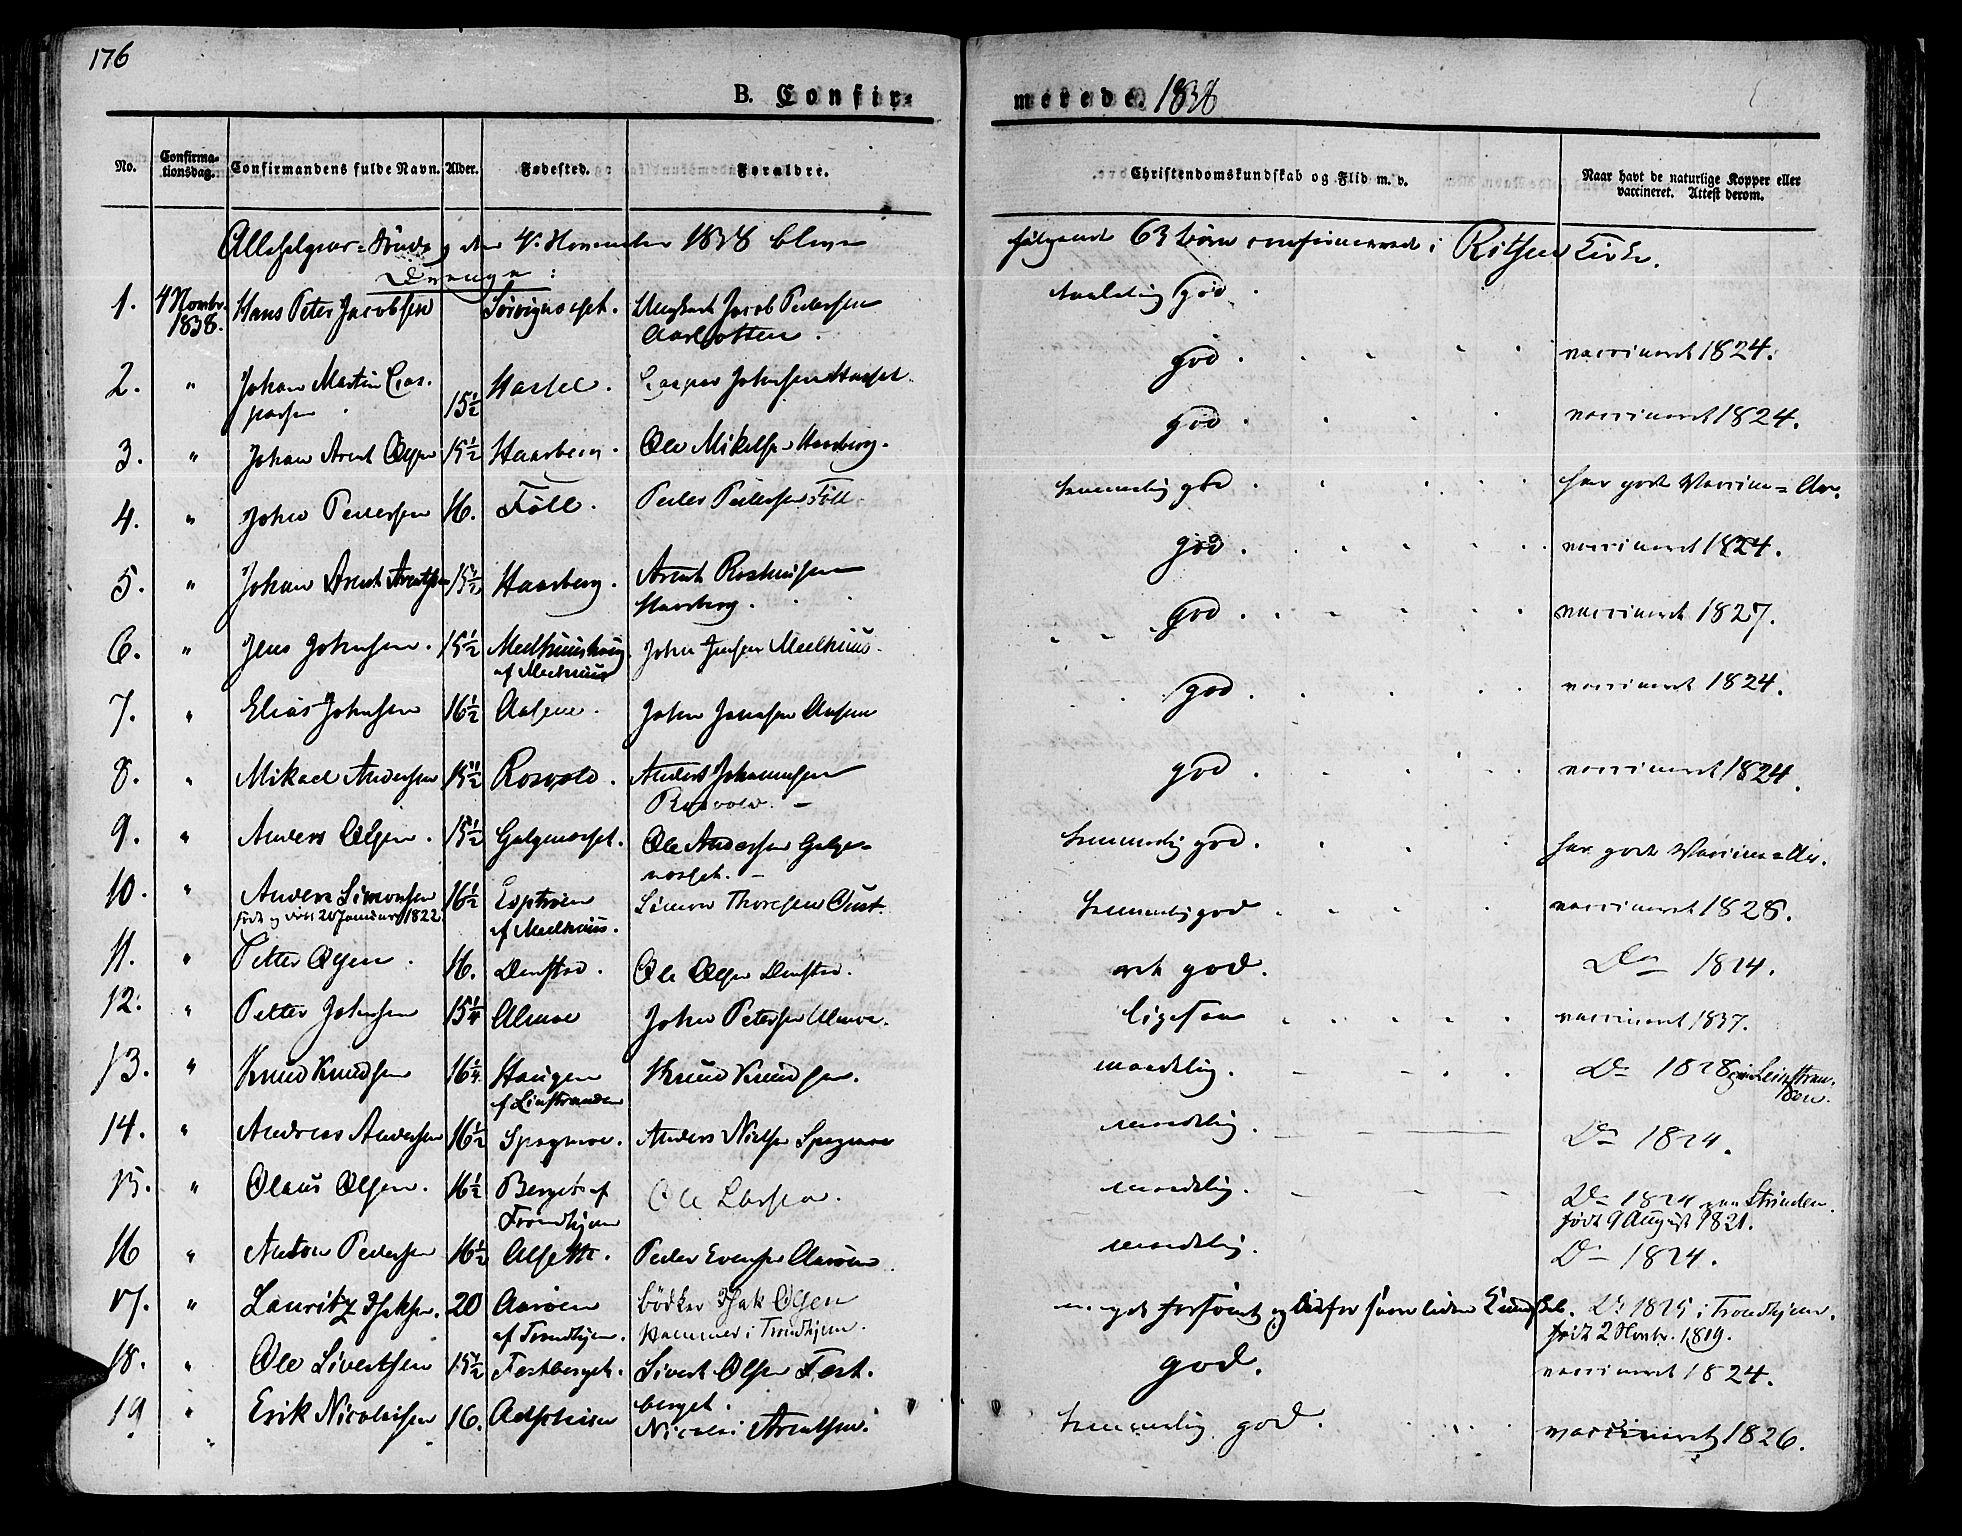 SAT, Ministerialprotokoller, klokkerbøker og fødselsregistre - Sør-Trøndelag, 646/L0609: Ministerialbok nr. 646A07, 1826-1838, s. 176